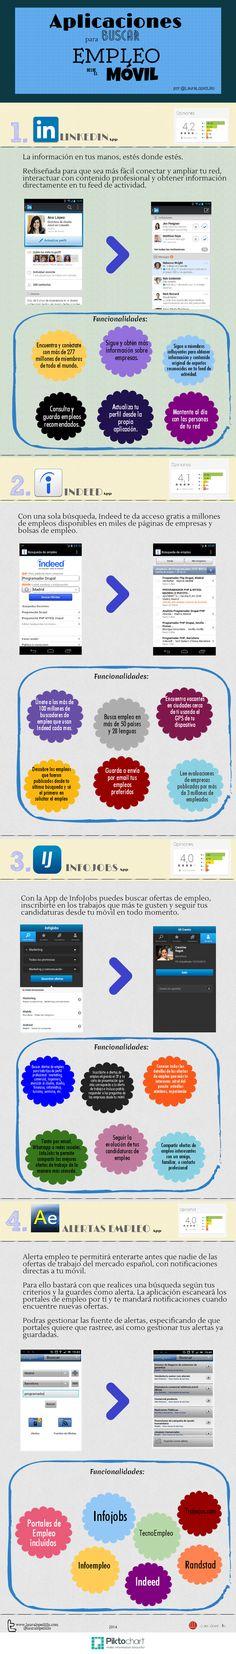 Apps-búsqueda-de-empleo-desde-el-móvil [Infografía] vía: http://lauralopezlillo.com